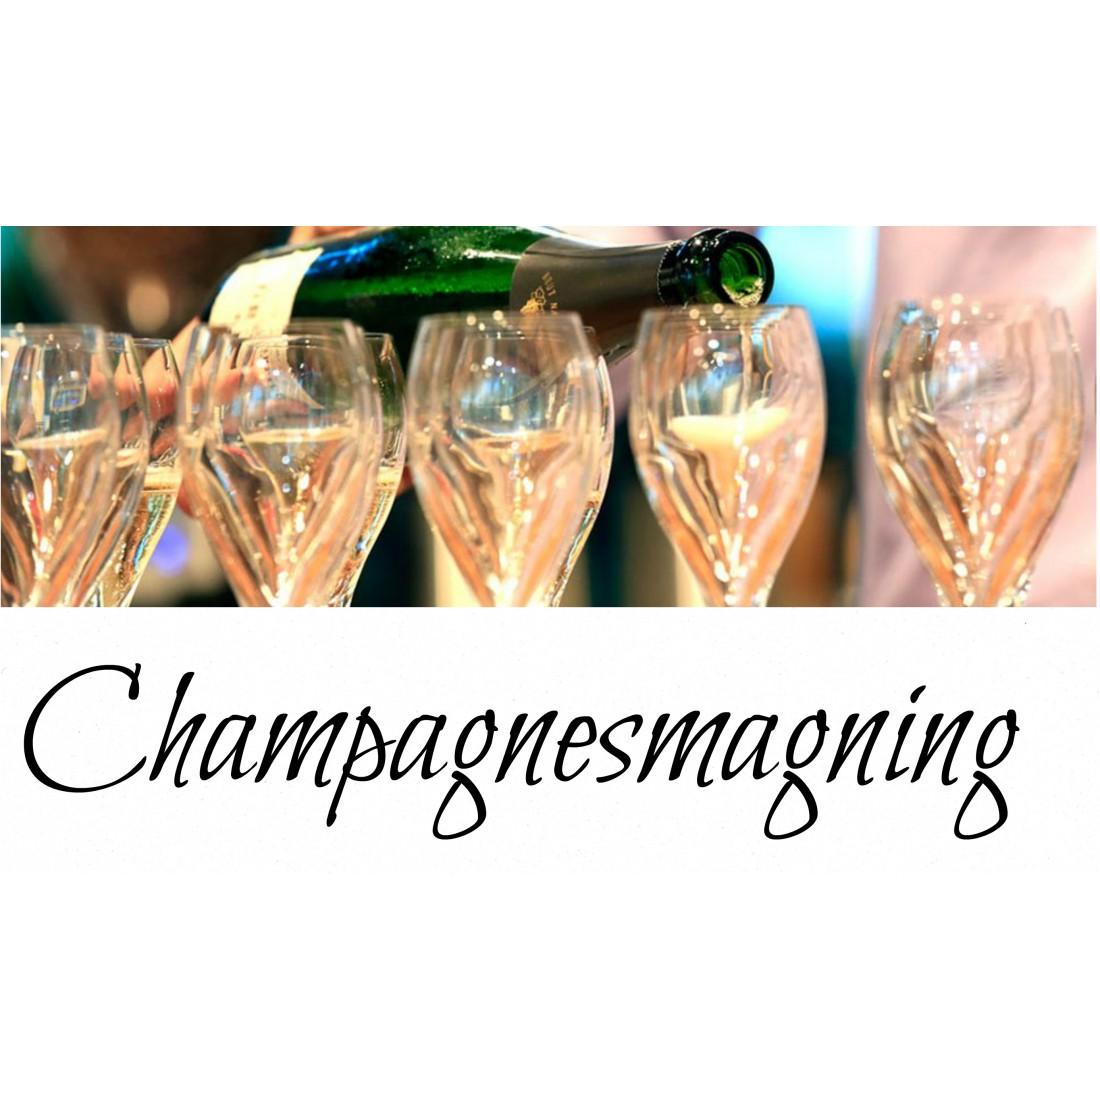 Champagnesmagning lørdag den 7 november kl. 19.00 I ChampagneKælderen-31